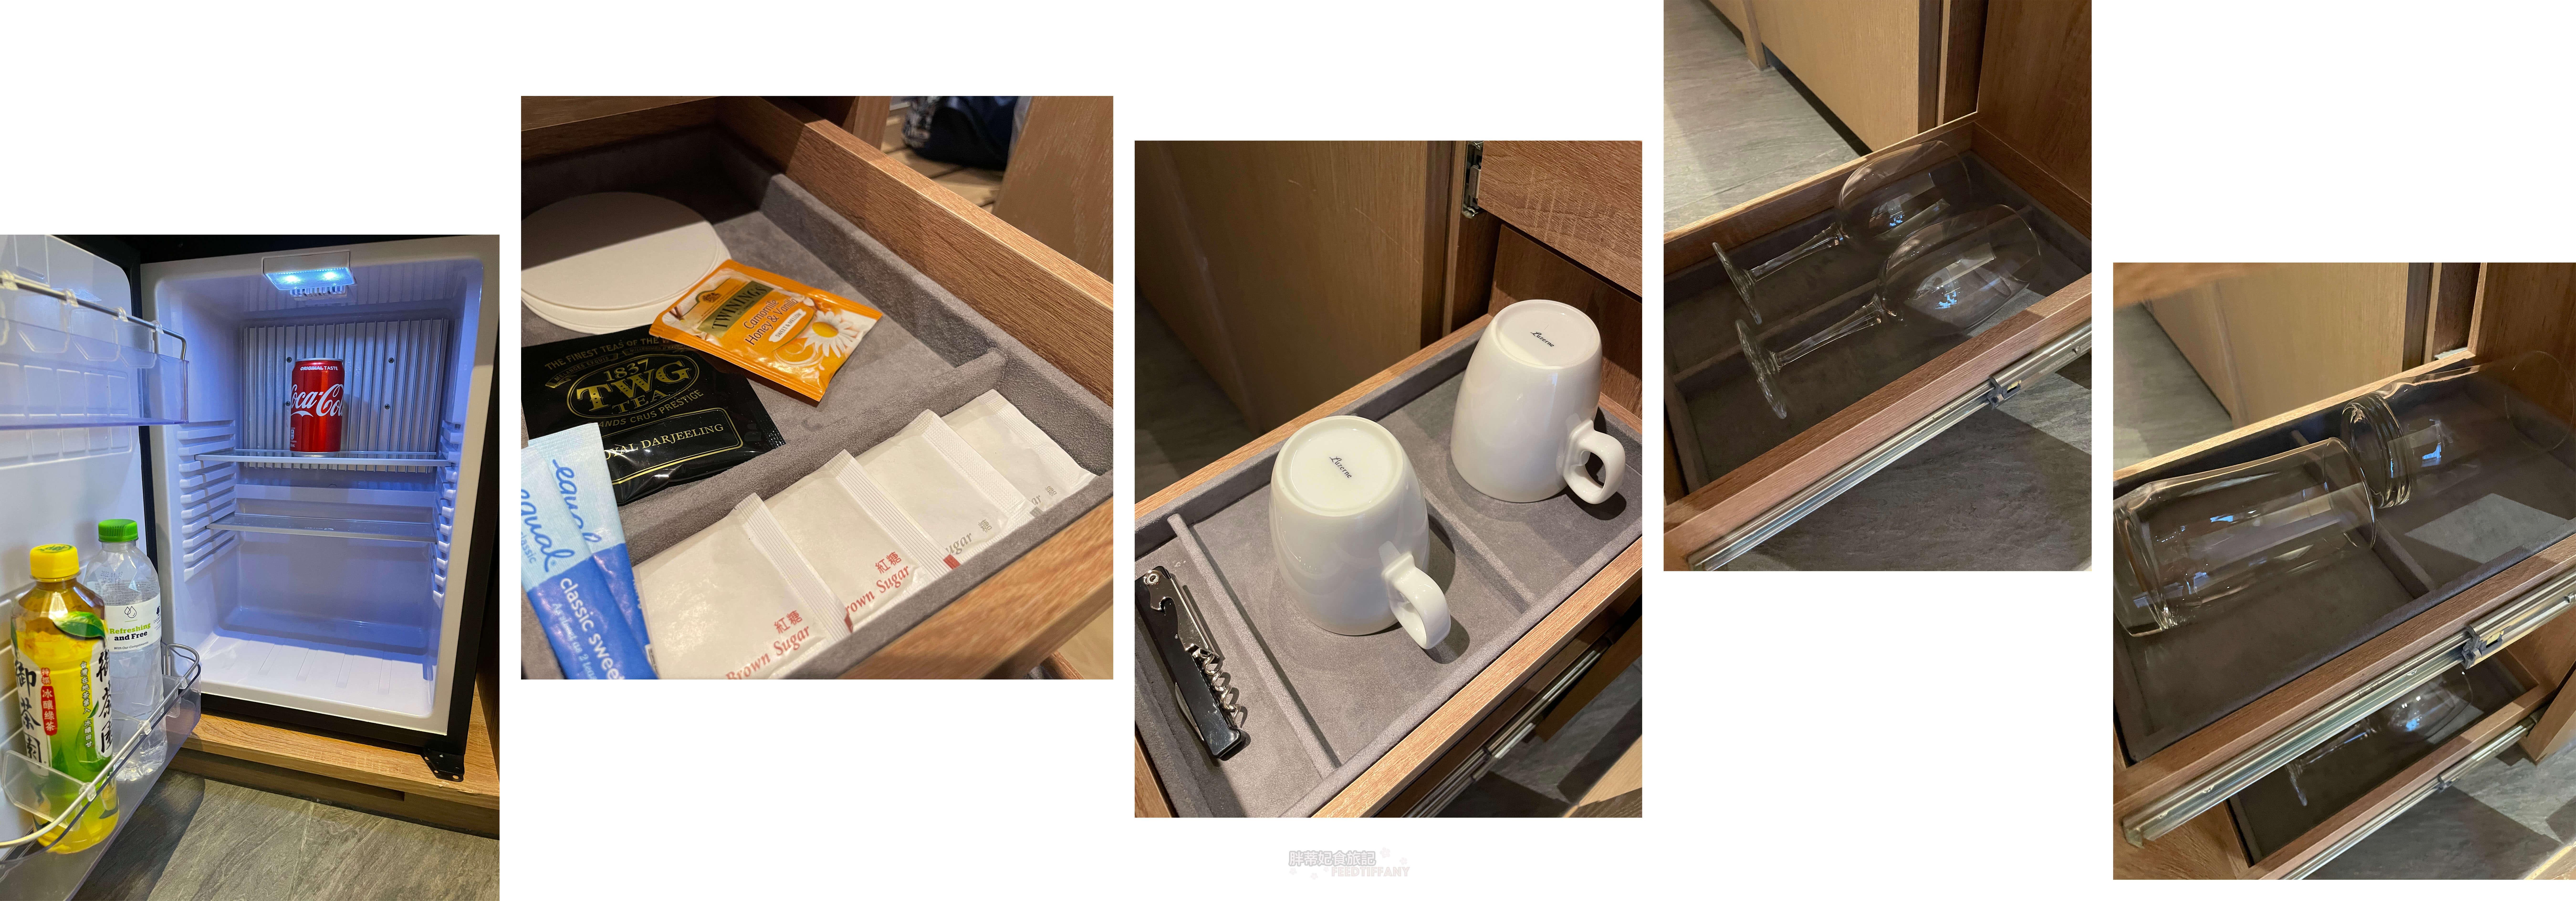 台北中山九昱希爾頓逸林酒店 房間內有齊全的茶水器具供客人使用